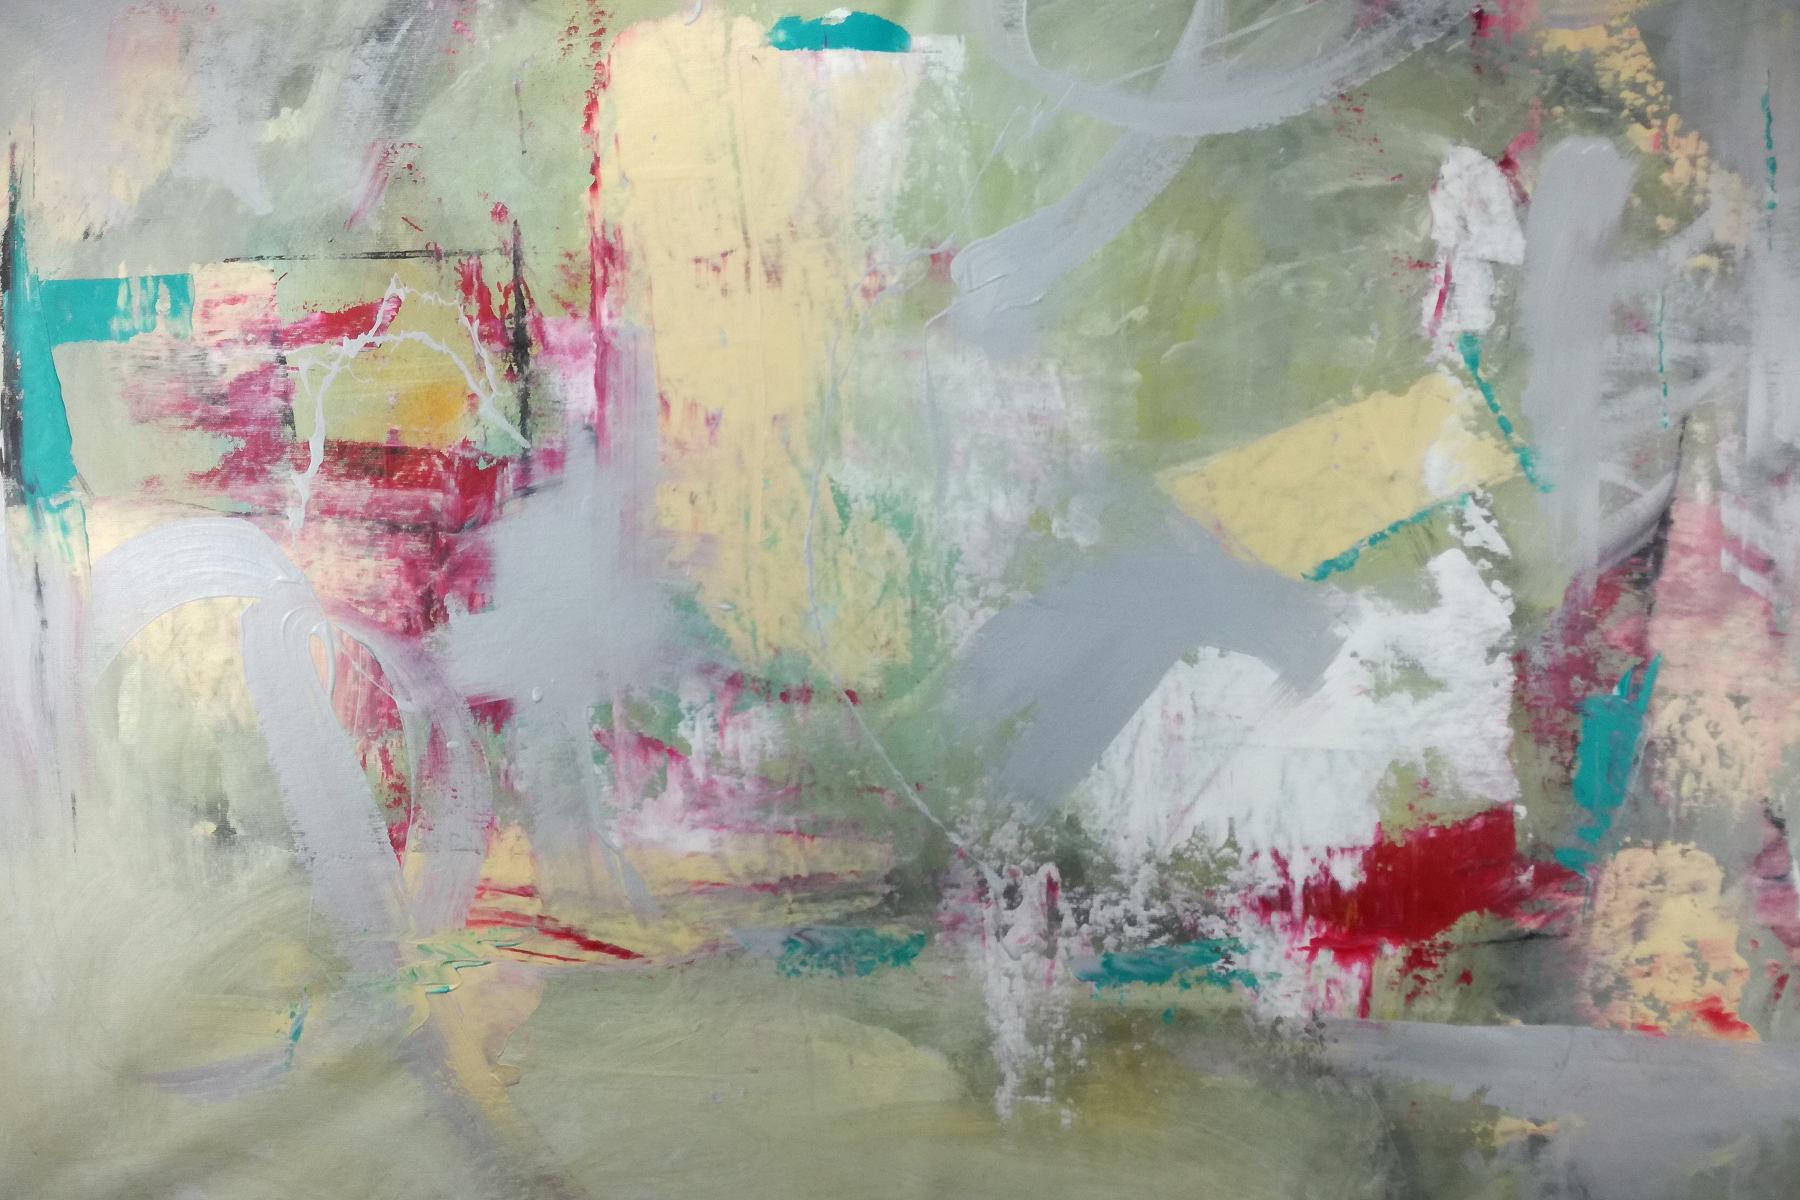 quadri grandi su tela 120x80 giallo rosso grigio  sauro bos